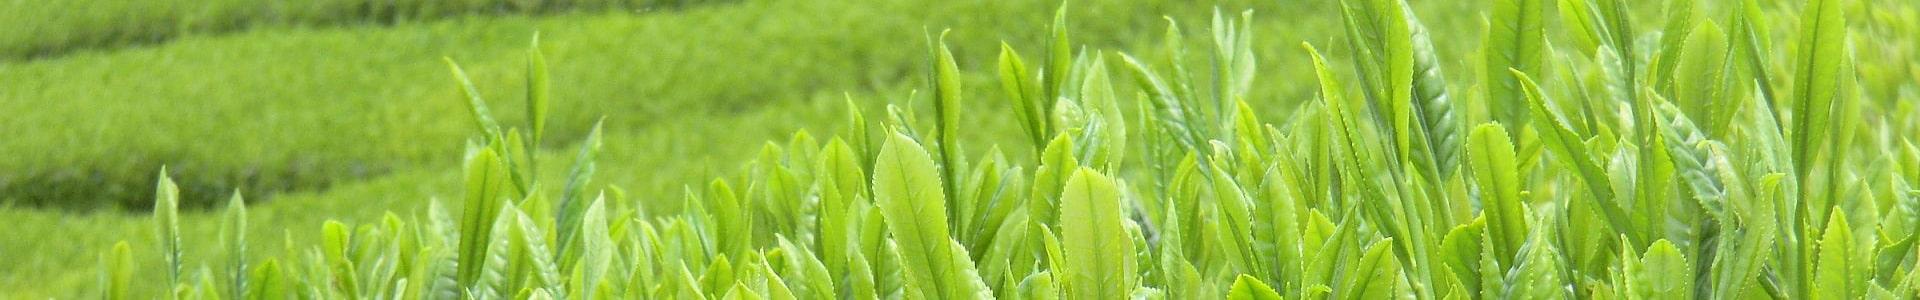 写真:茶葉